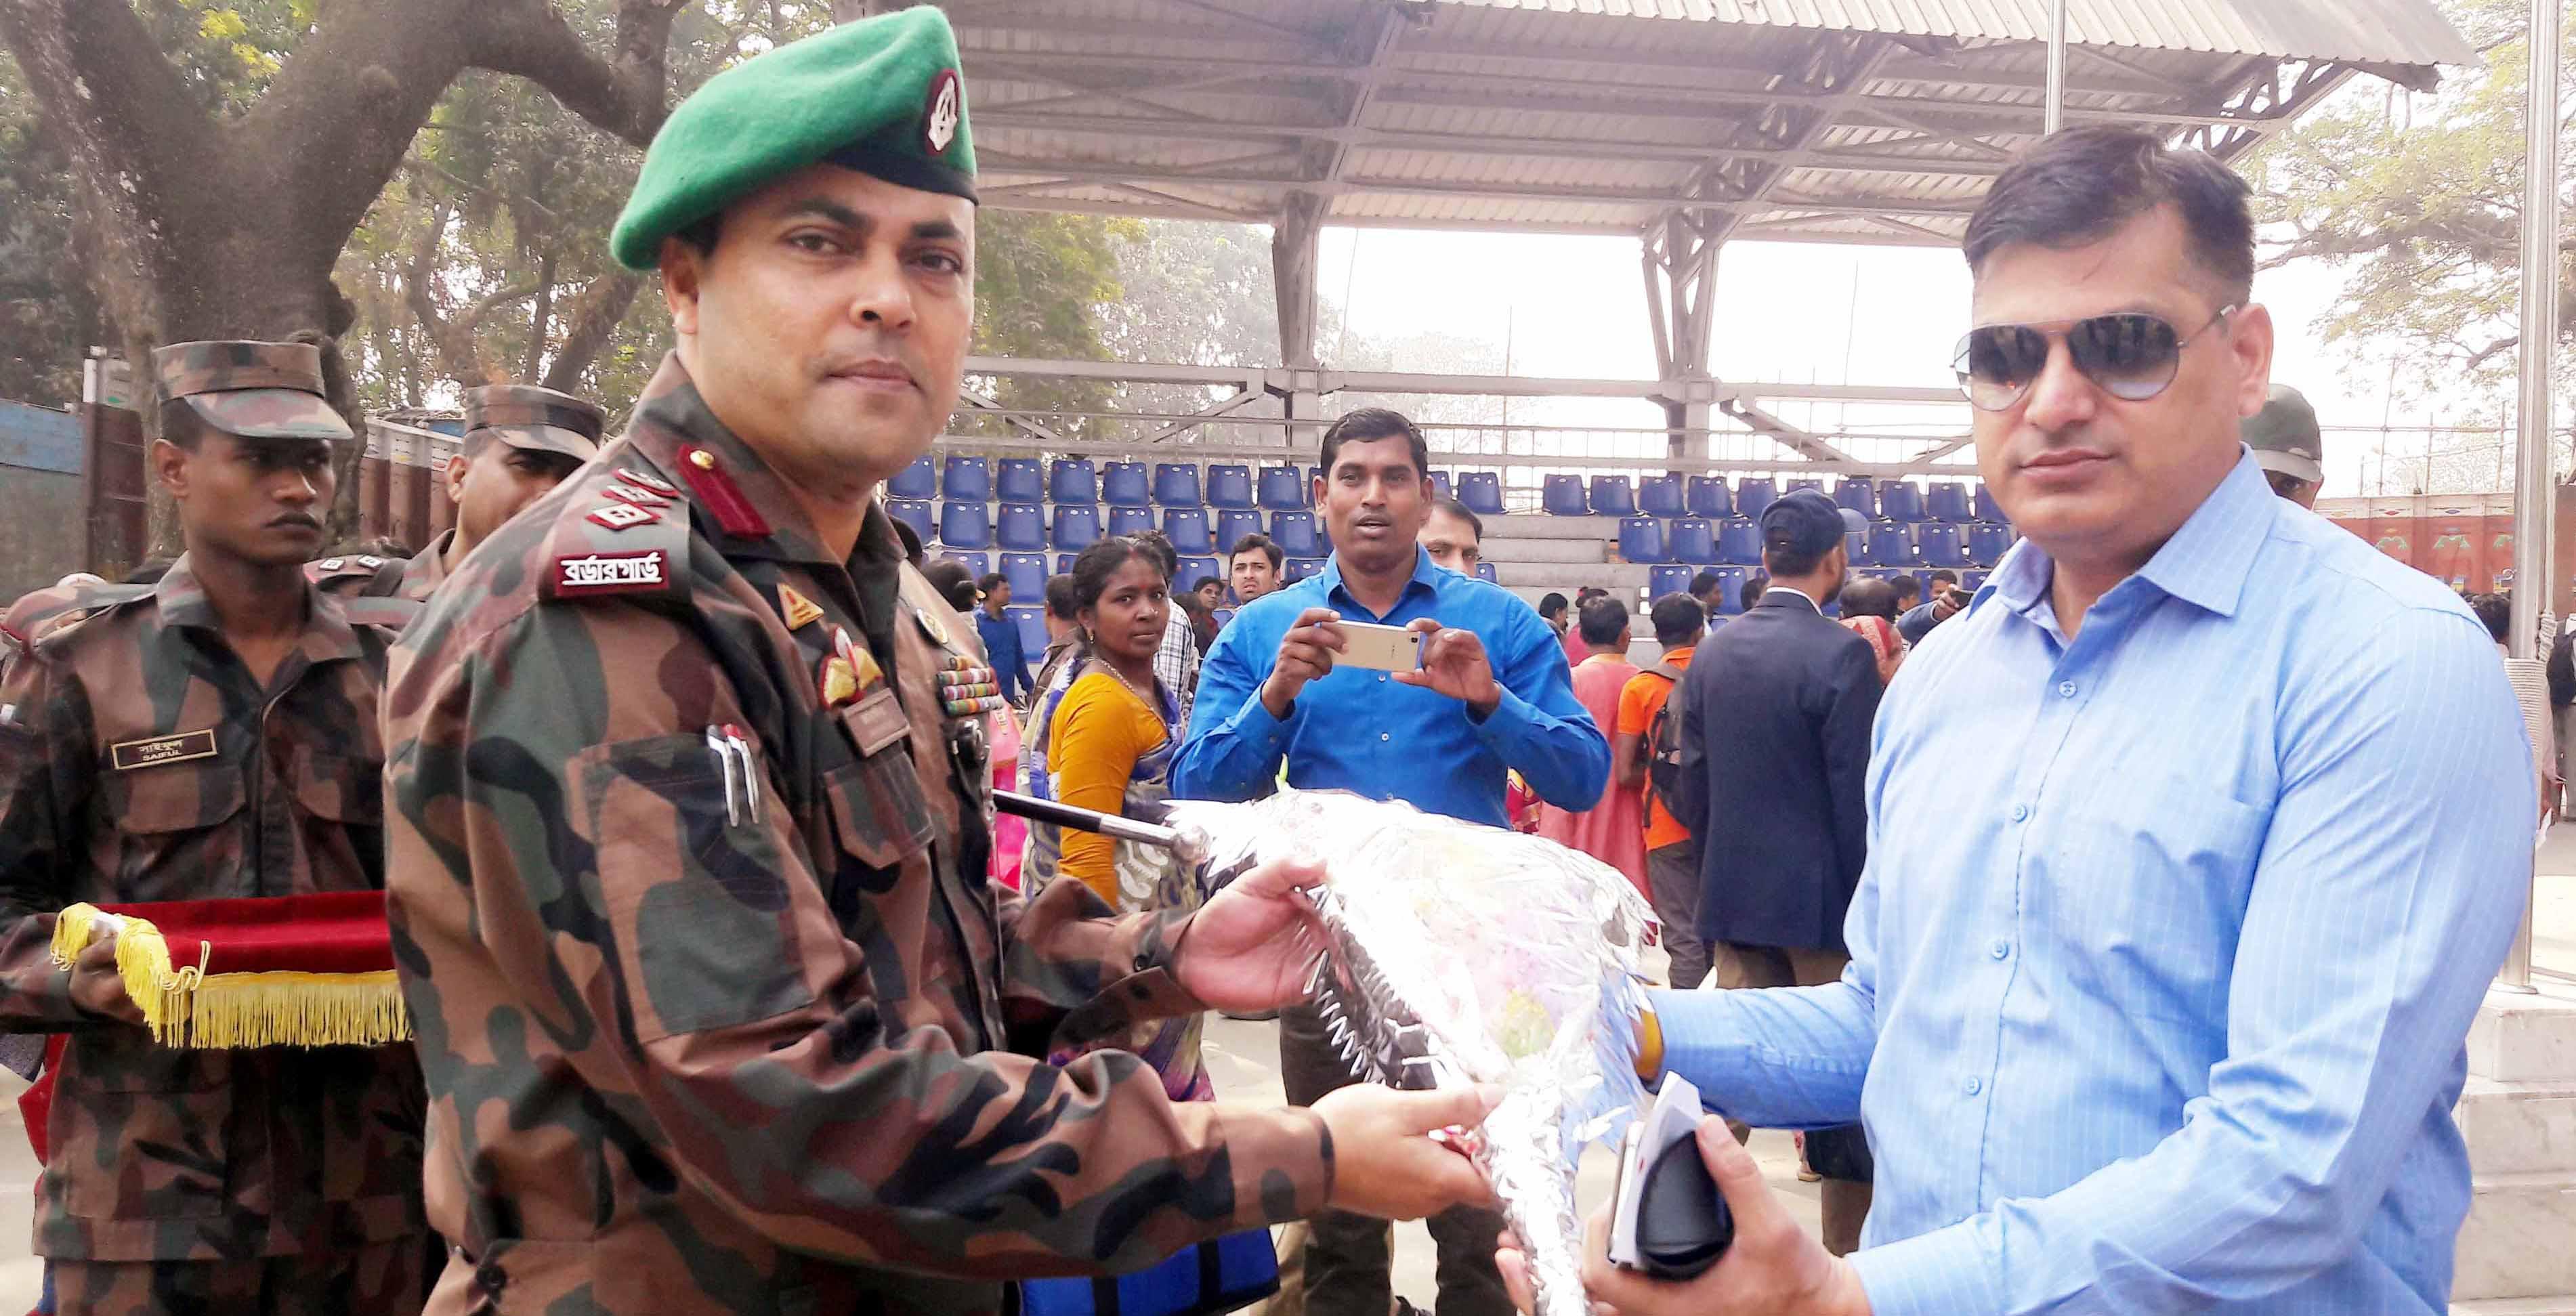 বিজিবি-বিএসএফ বাস্কেট বল প্রীতি ম্যাচ খেলতে ভারতীয় বিএসএফের ১৪ সদস্যের বাস্কেট দল বাংলাদেশে